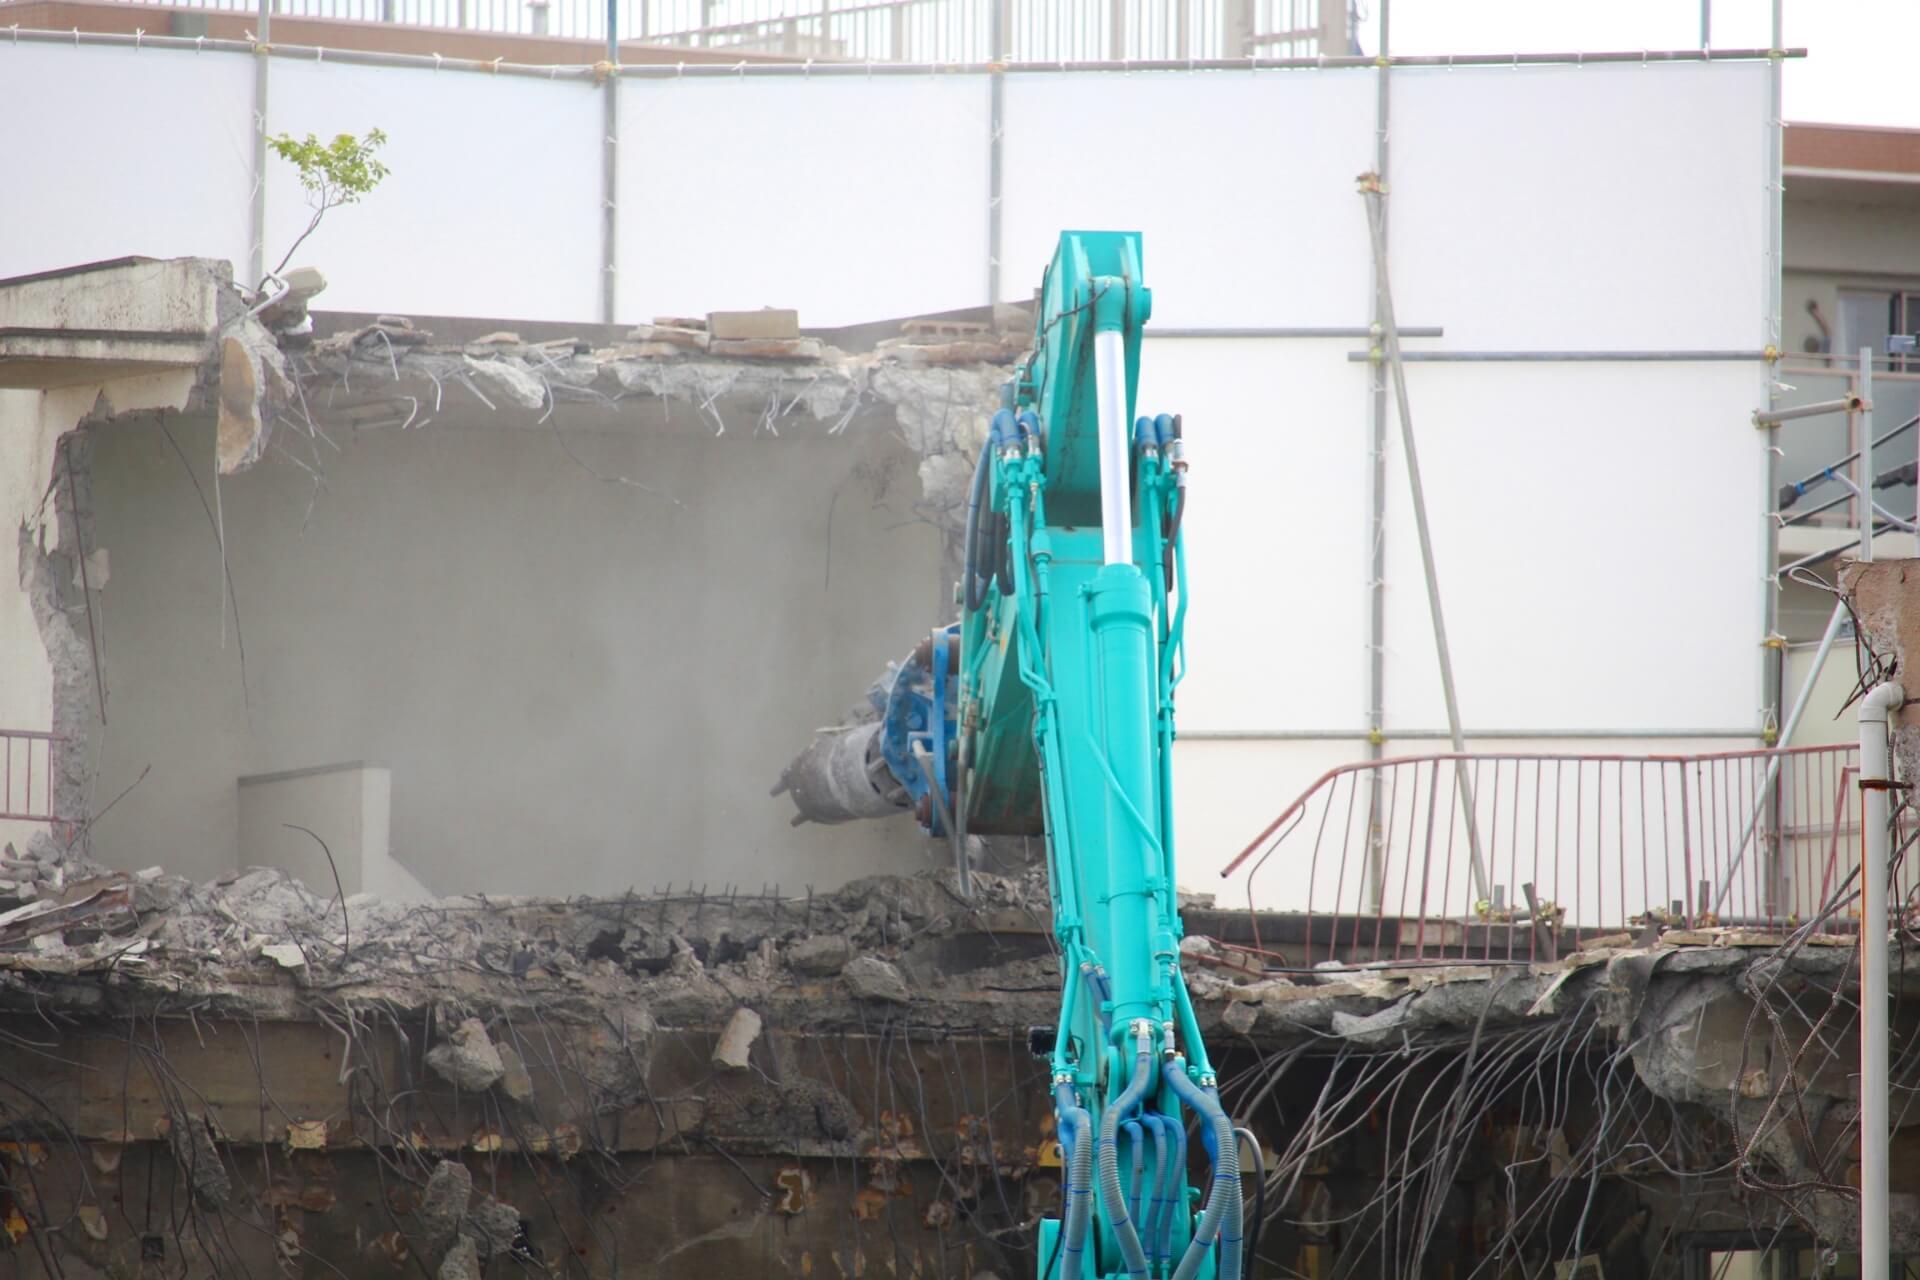 台東区で解体業者を探している方におすすめな解体業者7選